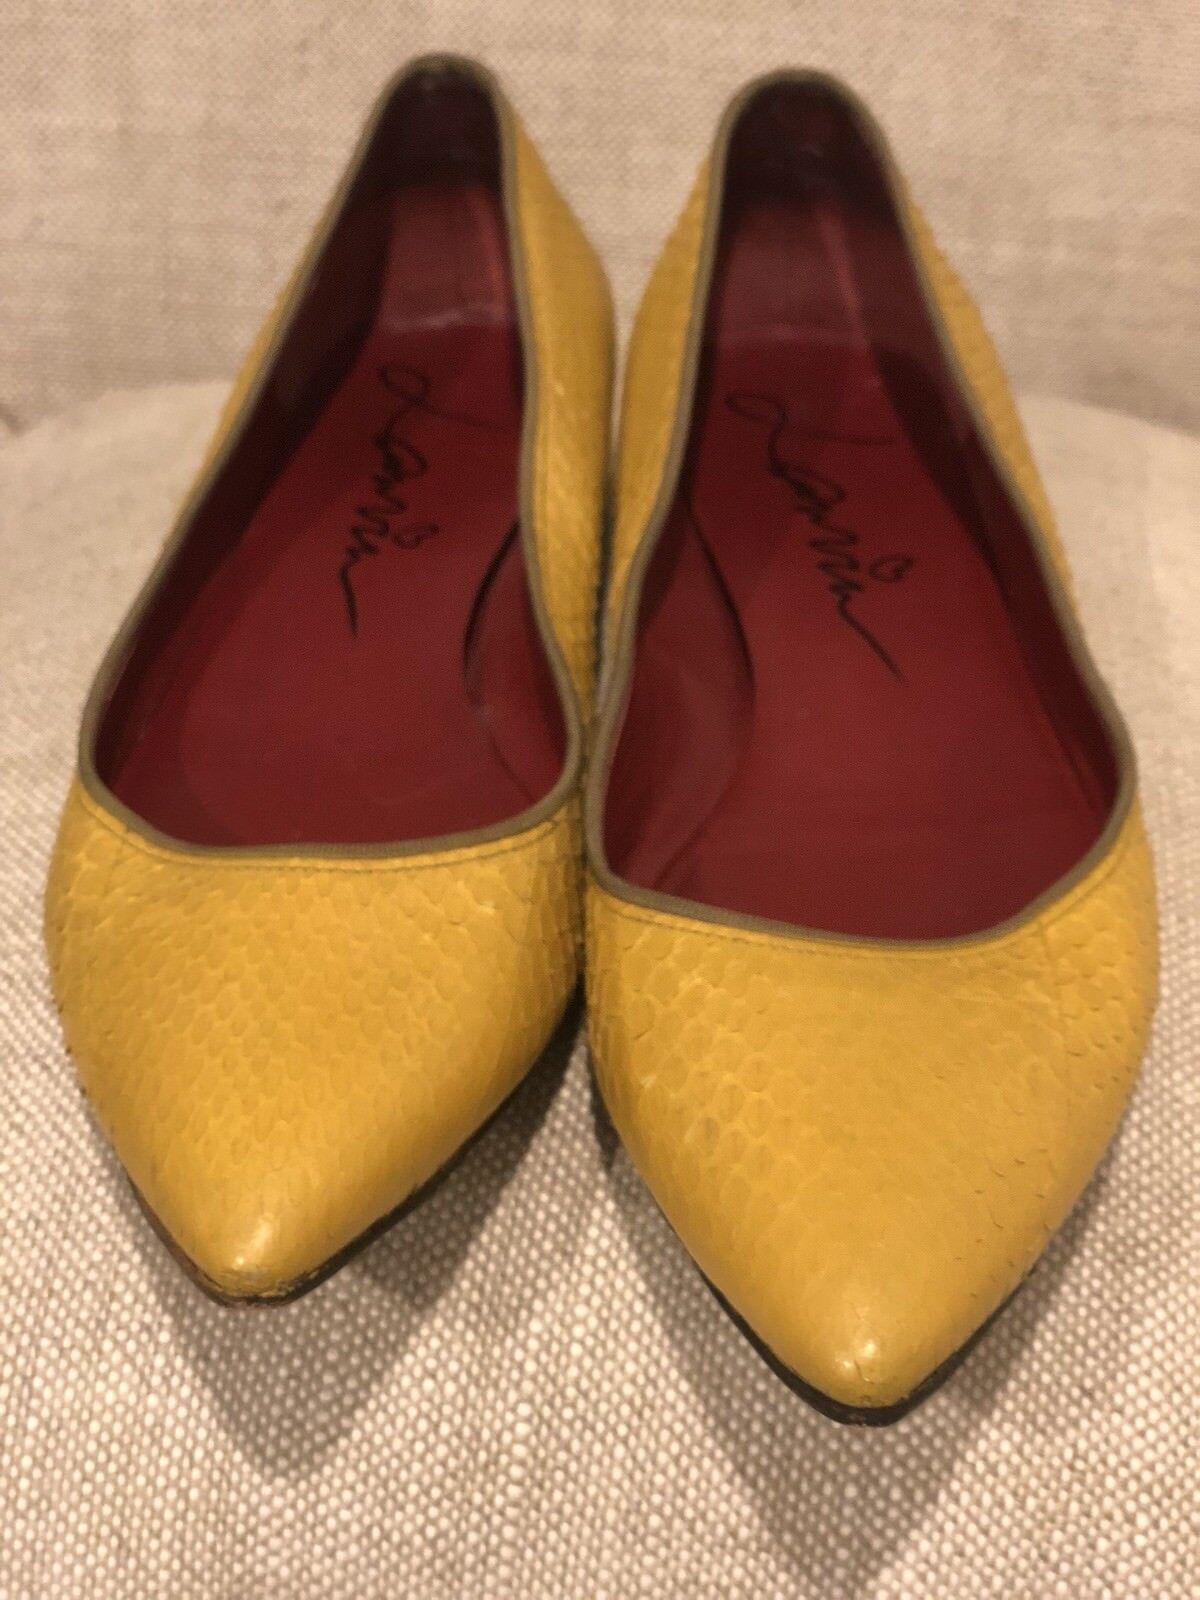 Lanvin Flats Pointed Toe Mustard Snakeskin 38